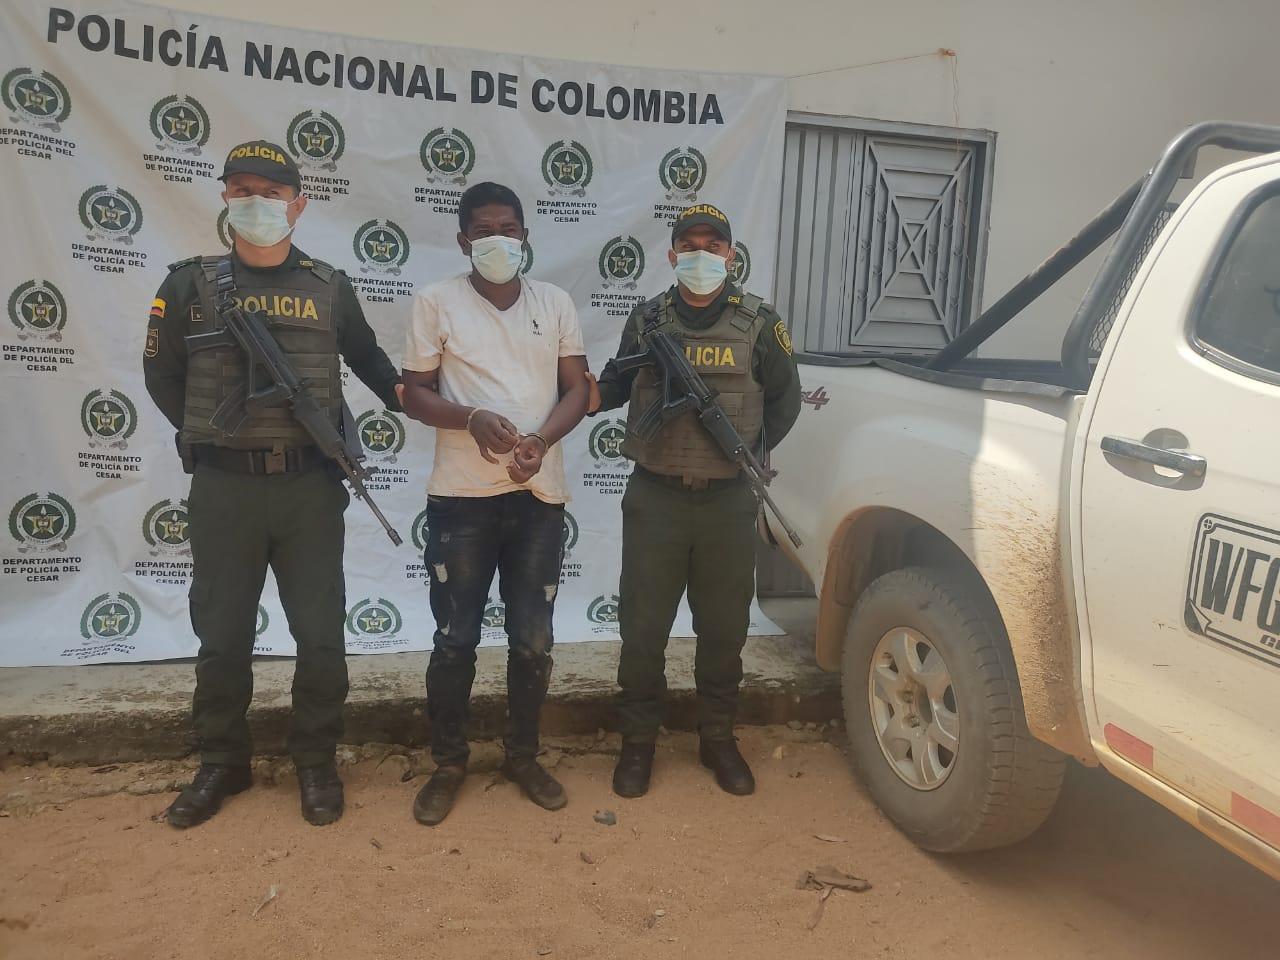 hoyennoticia.com, En el Cesar recuperan camioneta robada en Puerto Wilches